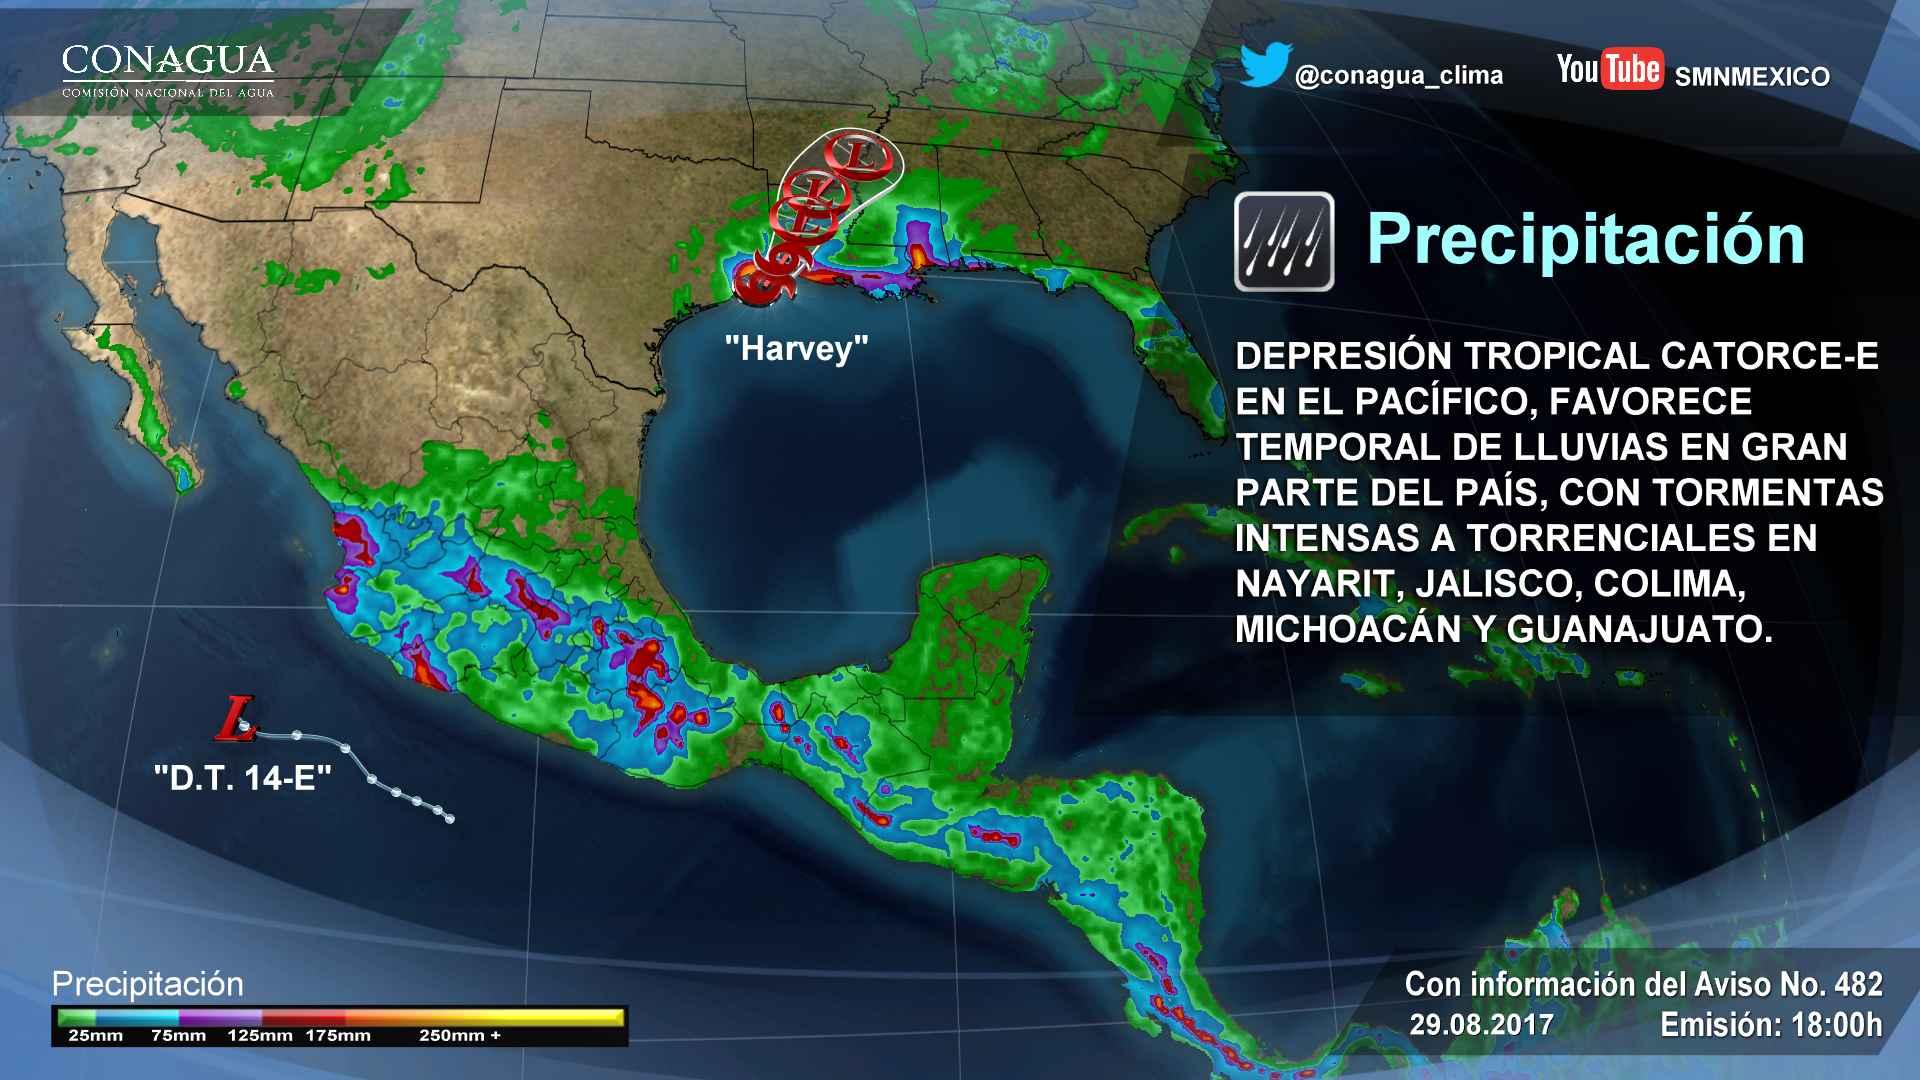 En las próximas horas se prevén tormentas torrenciales para Jalisco, Colima y Michoacán